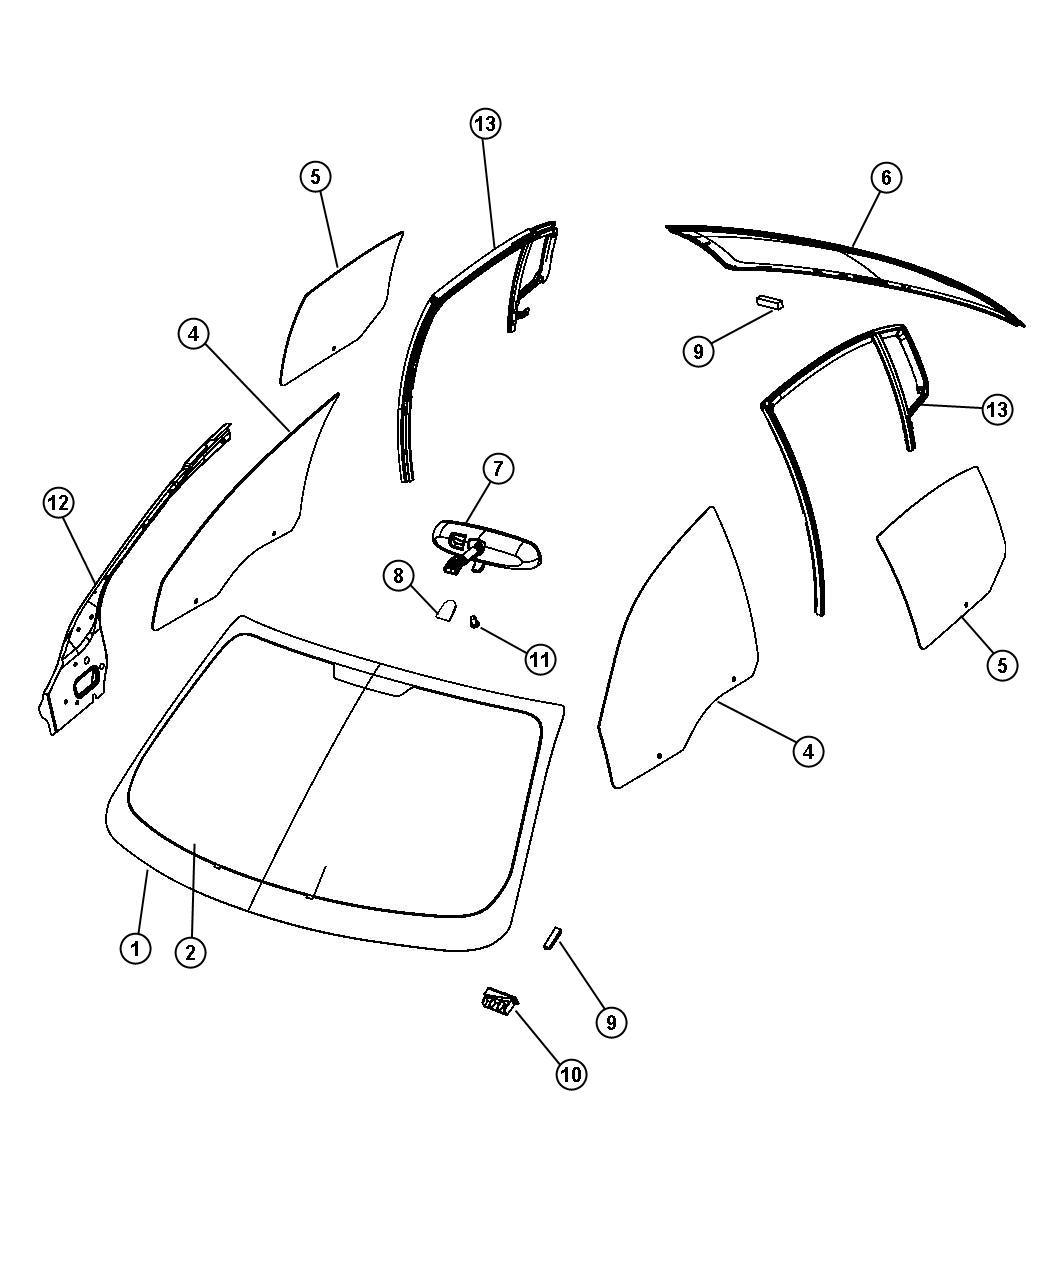 2008 Chrysler Sebring Backlite. Backglass, defrosterfront